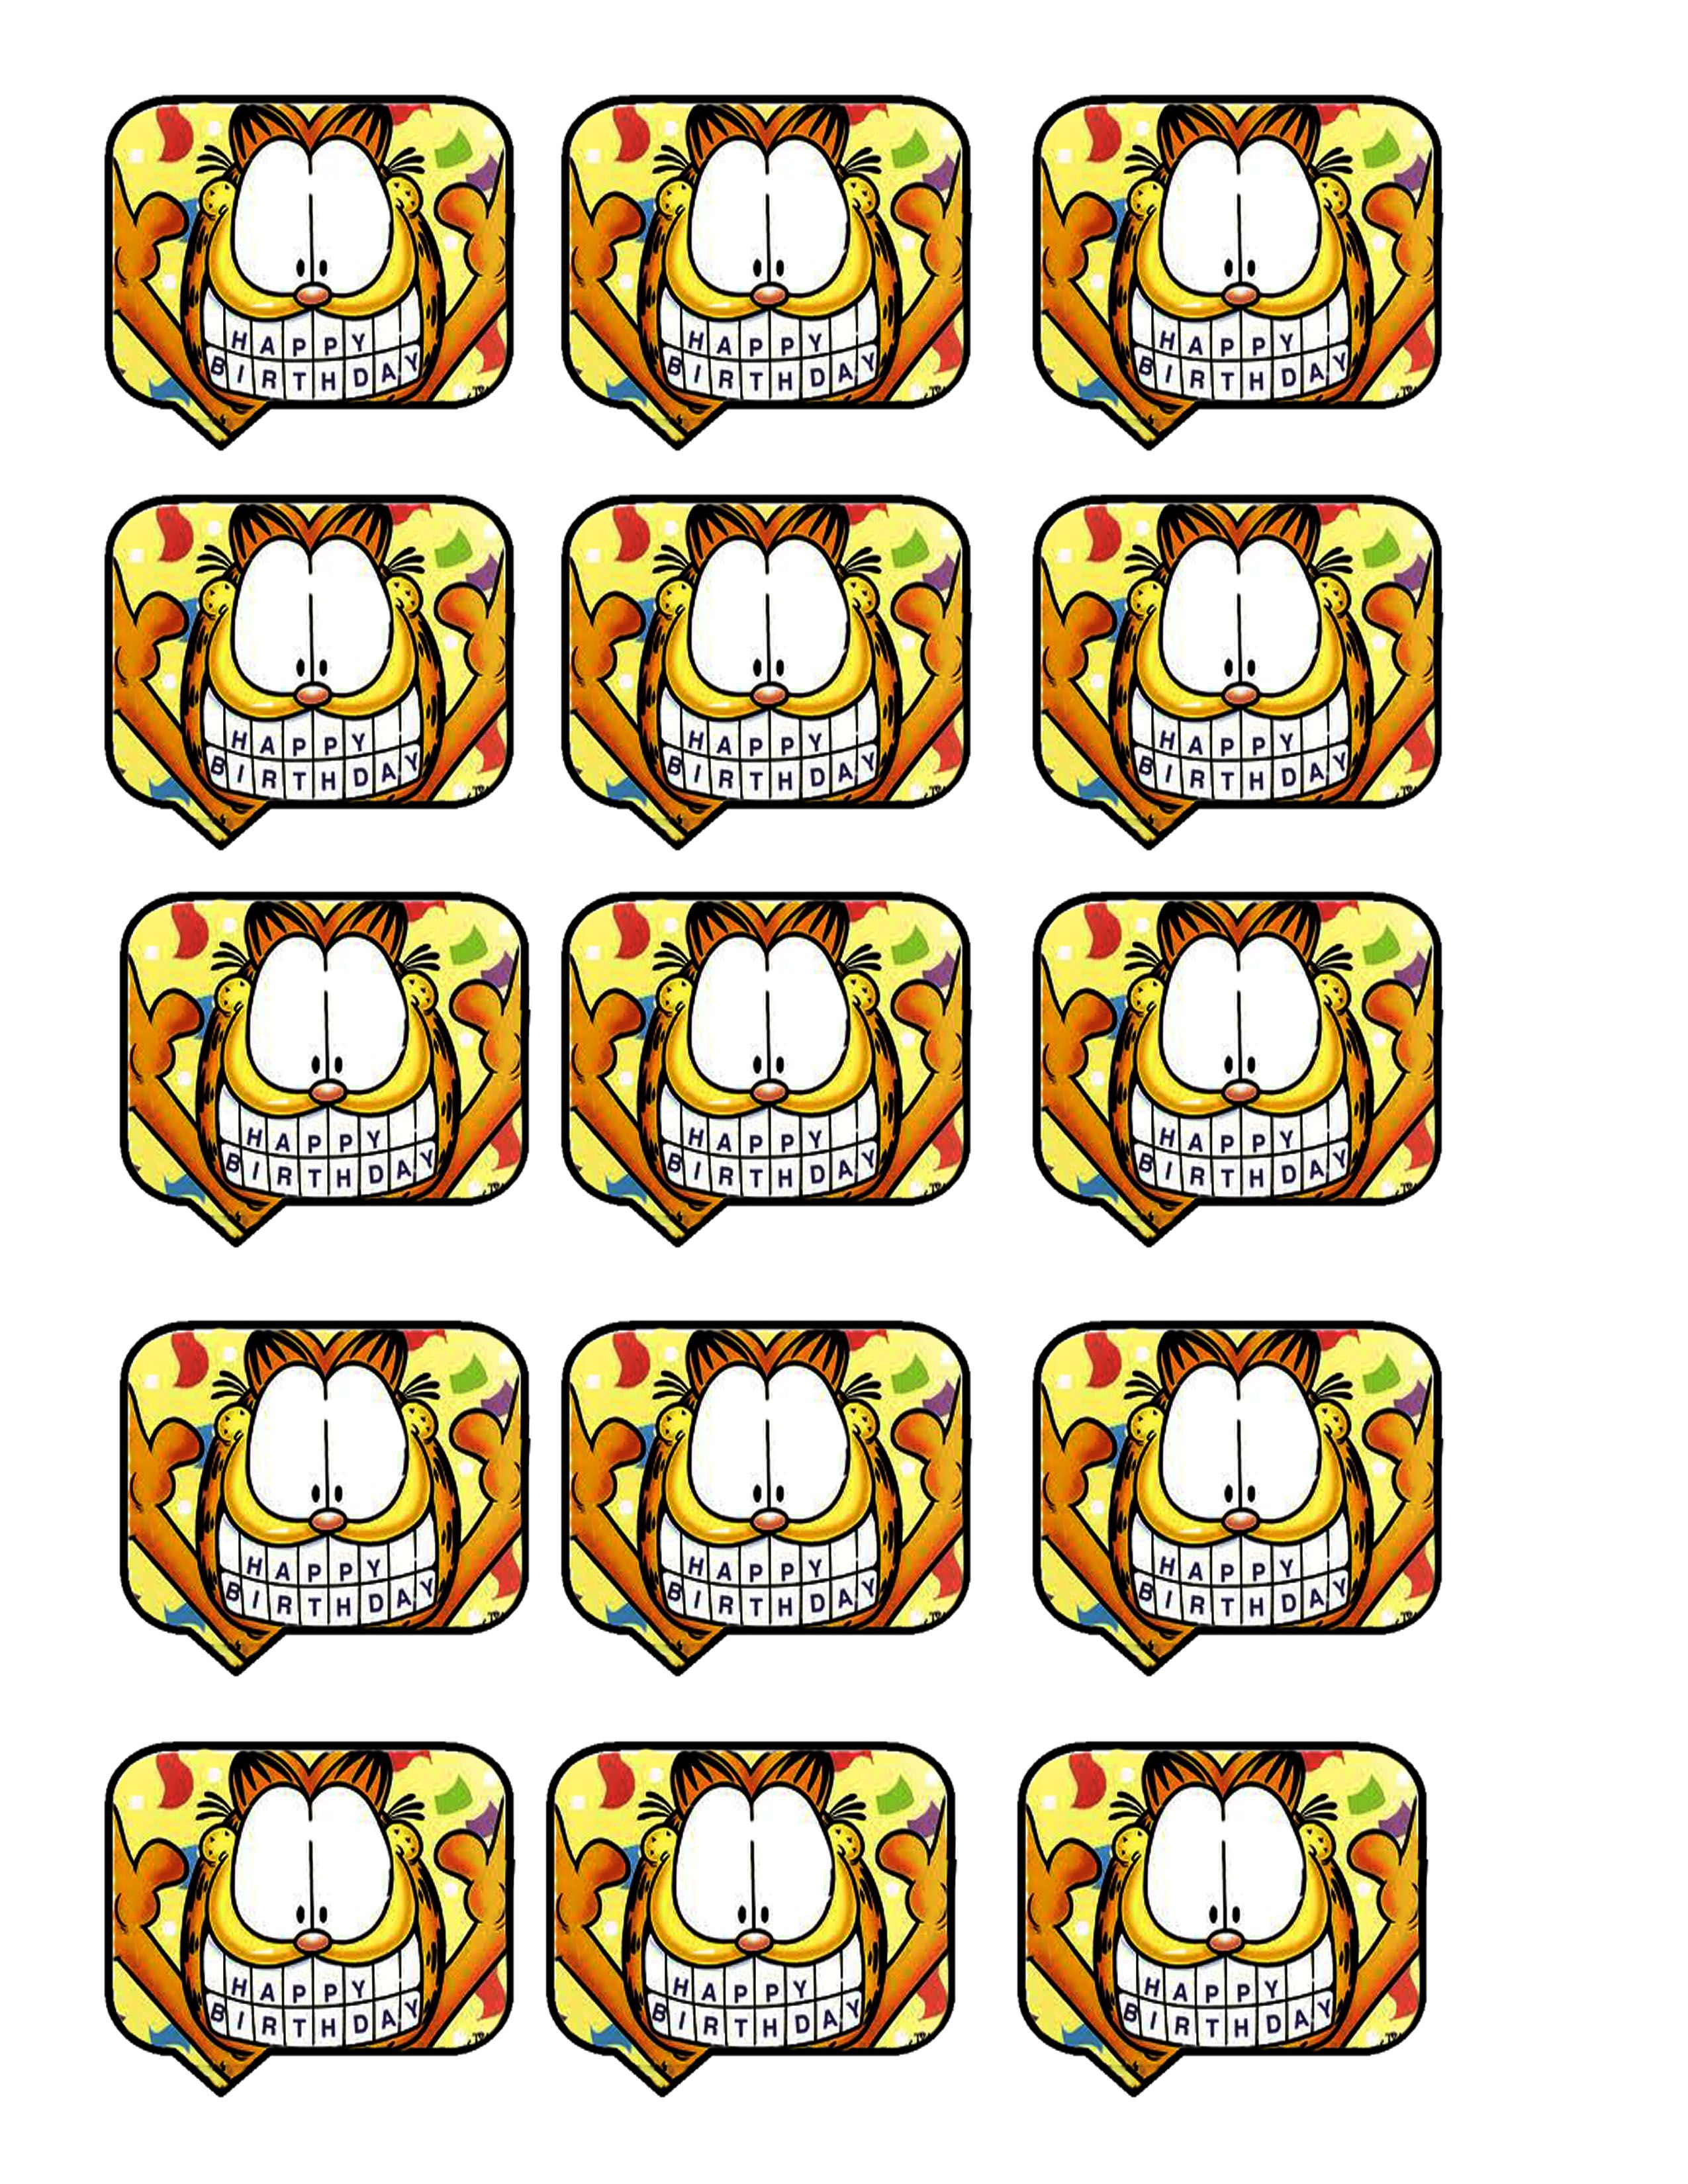 804e467e9396c2f297d3f3b01edd09e2 2550x3300 Pixels Garfield Birthday Happy Printable B